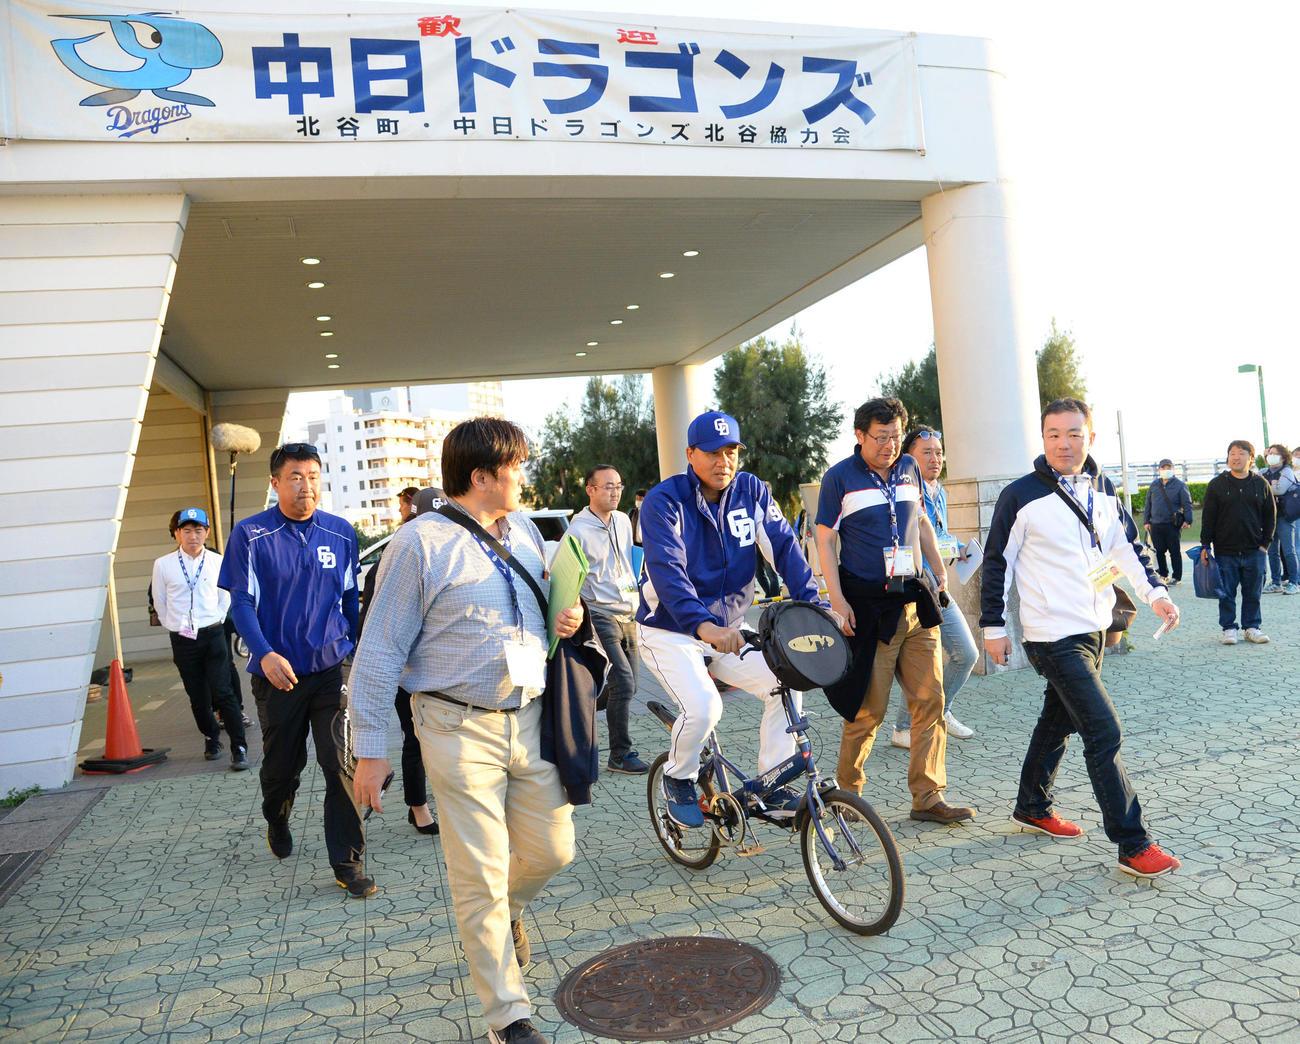 キャンプ地の北谷に戻り、約1時間の練習を行い記者に囲まれ自転車で引き揚げる与田監督(撮影・森本幸一)